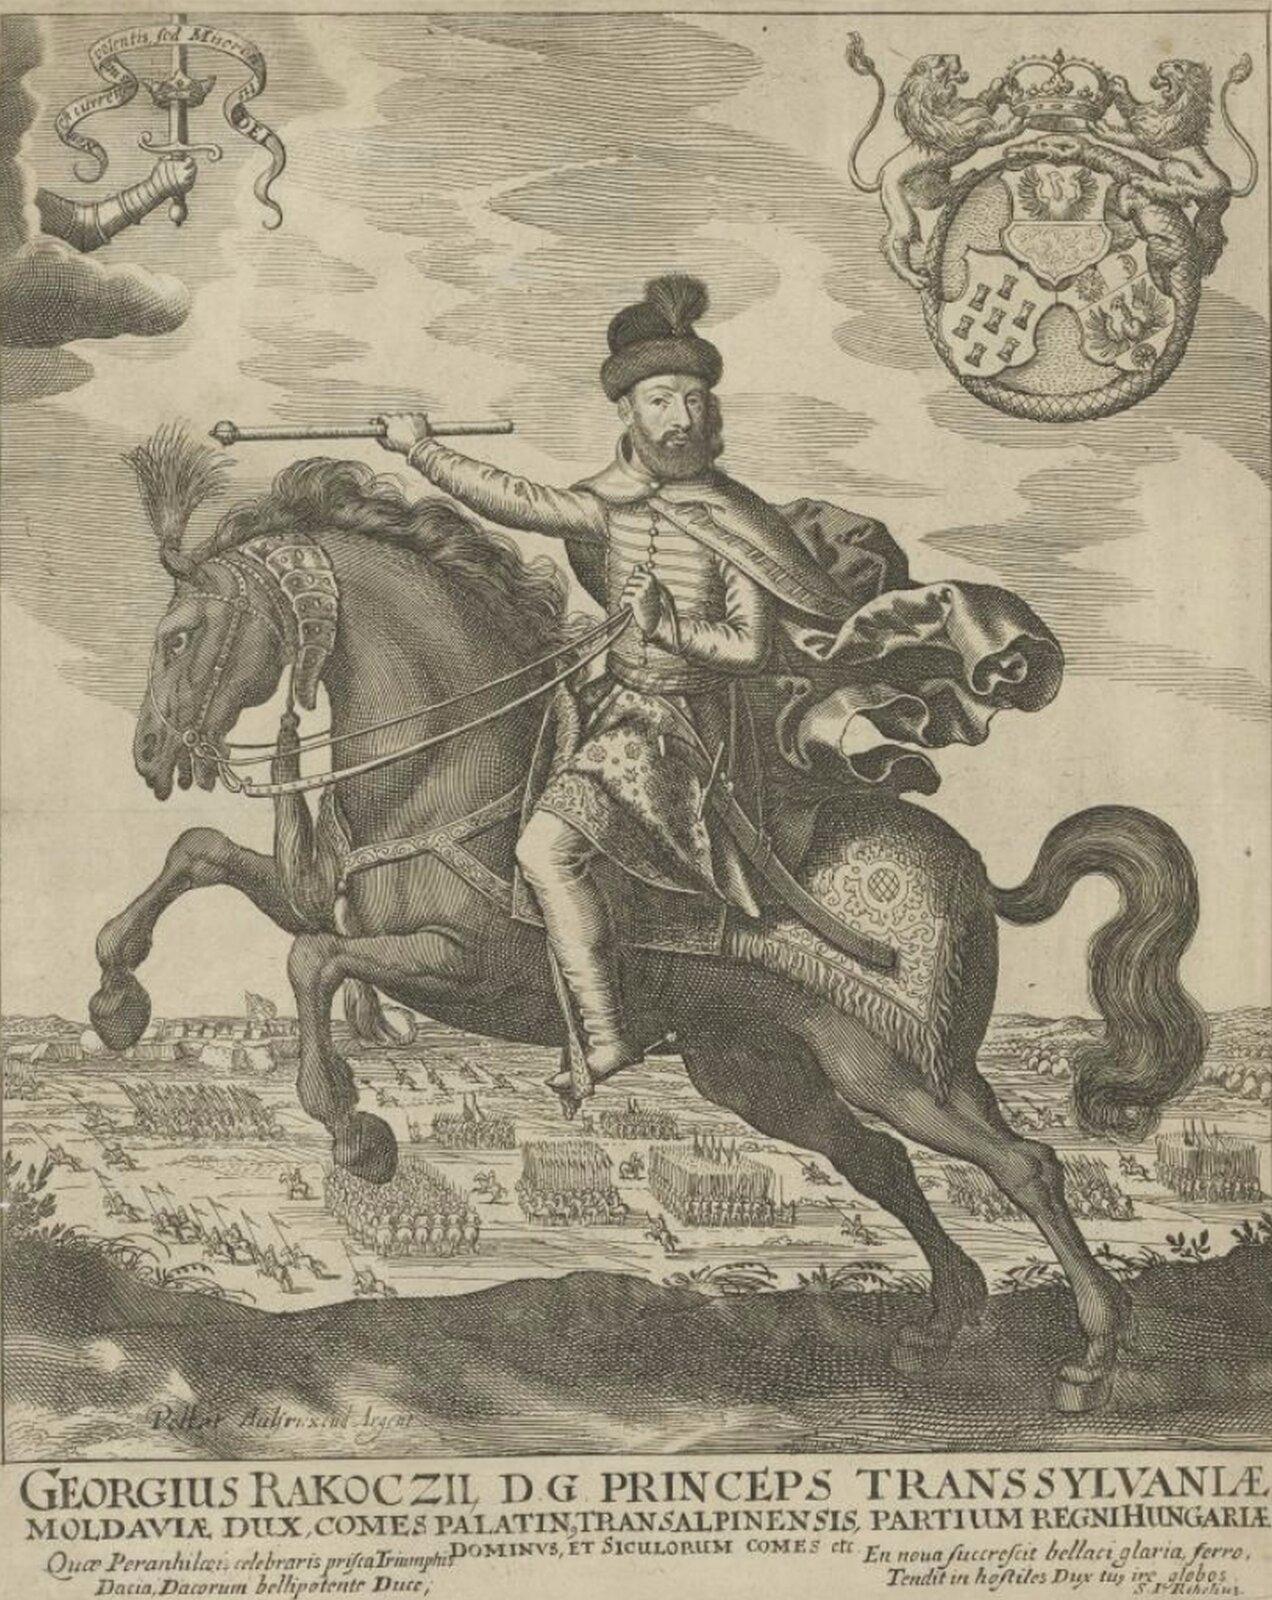 Jerzy II Rakoczy konno Jerzy II Rakoczy, książę Siedmiogrodu.Wgrudniu 1656 roku podpisał ze Szwedami sojusz wRadnot na Węgrzech, na mocy którego miał się dokonać rozbiór Rzeczypospolitej, aRakoczy miał otrzymać m.in. Mazowsze iMałopolskę. Źródło: Peter Aubry, Jerzy II Rakoczy konno, 1657-1686, akwaforta, miedzioryt, domena publiczna.